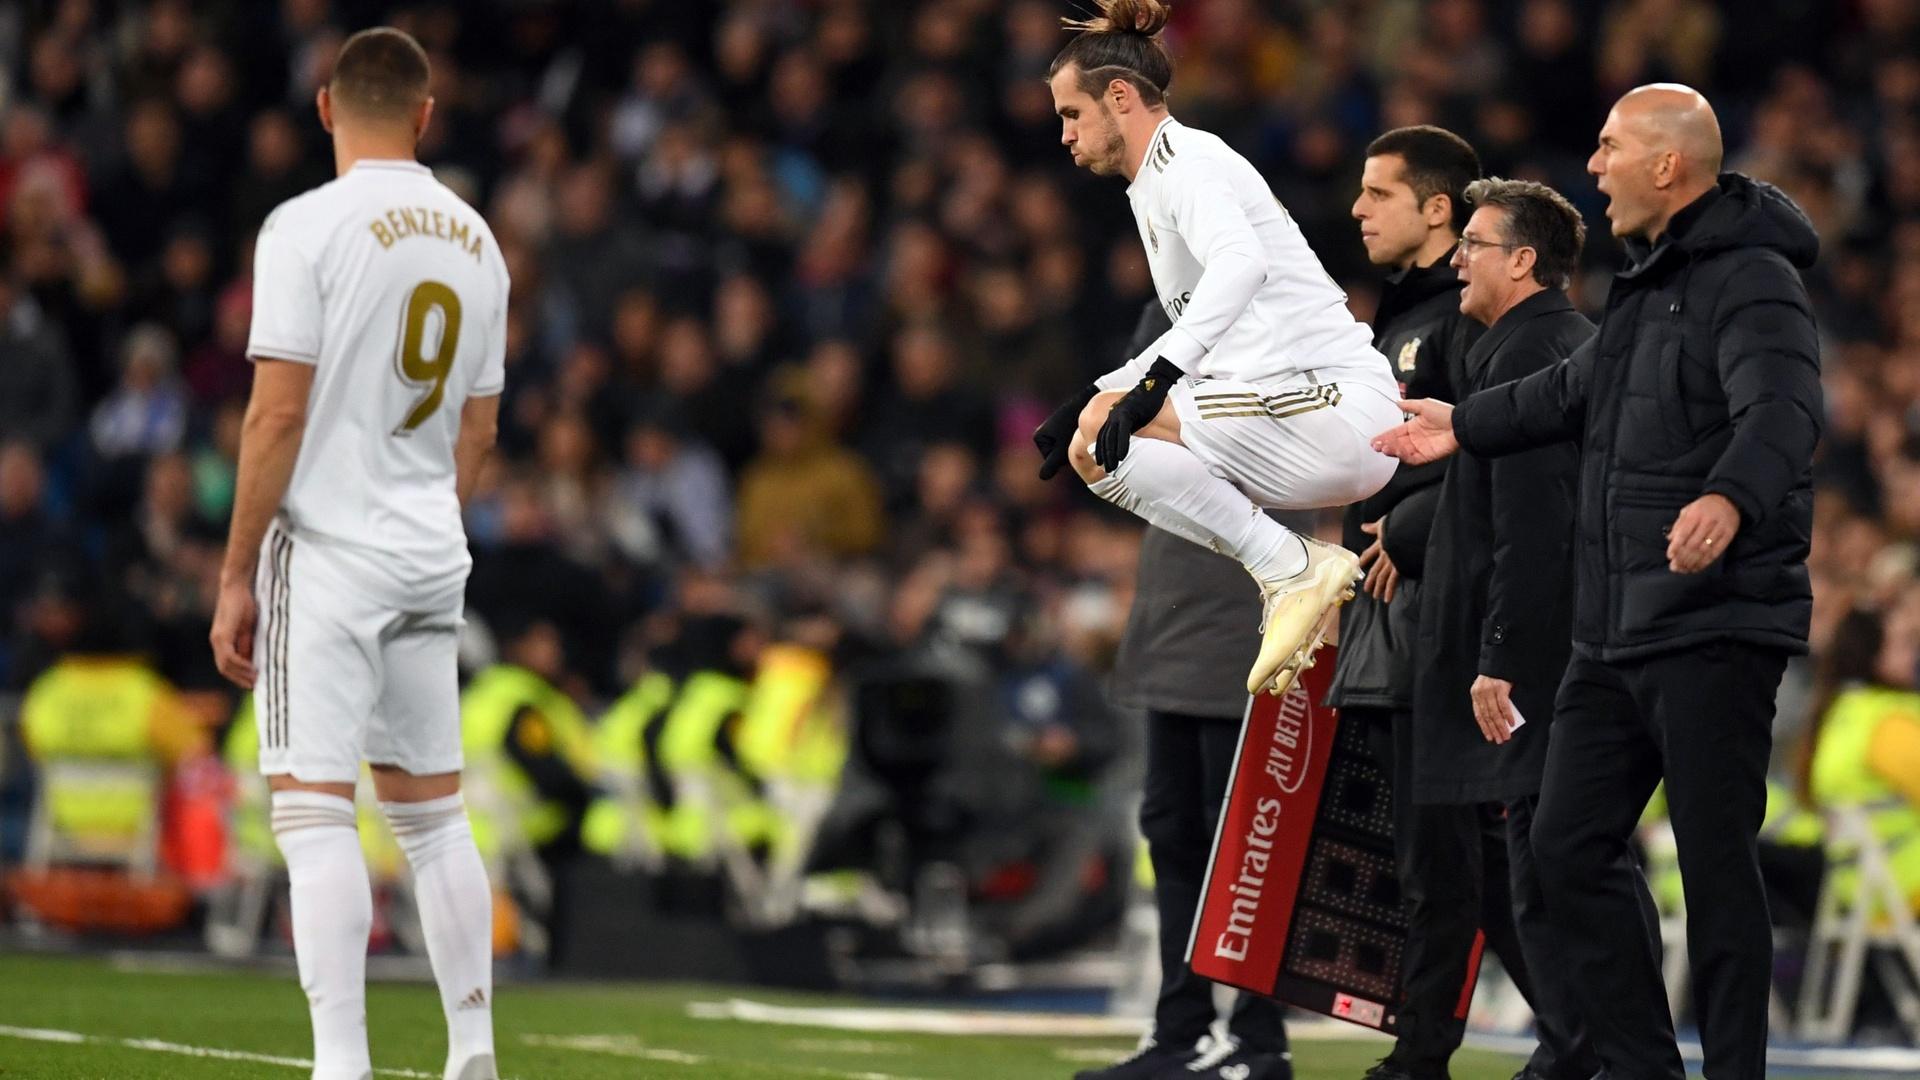 شاهد.. استقبال جماهير ريال مدريد الغاضبة لنجم الفريق